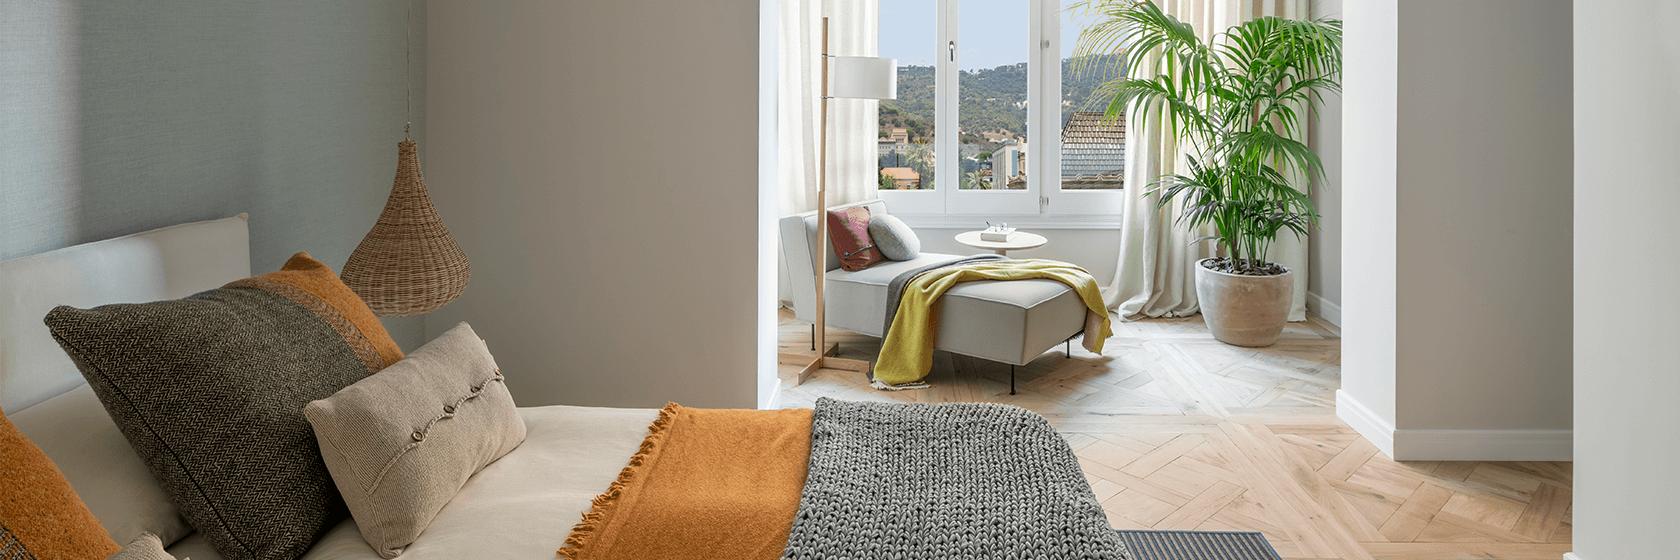 Los 5 cambios que transformarán tu dormitorio   The Room Studio